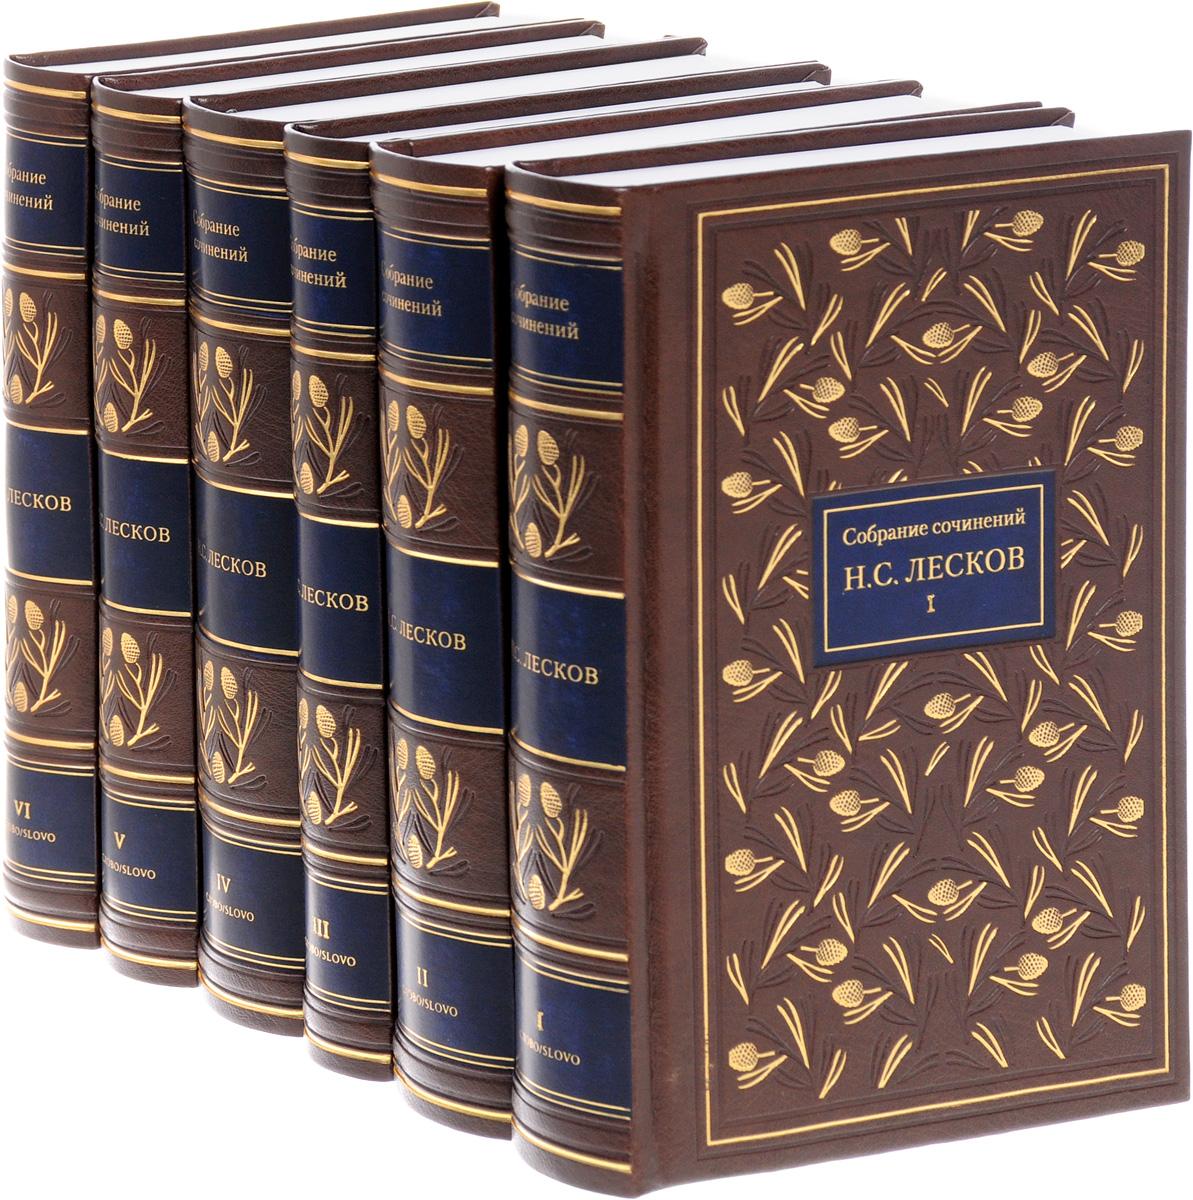 Н. С. Лесков. Собрание сочинений в 6 томах (подарочное издание)